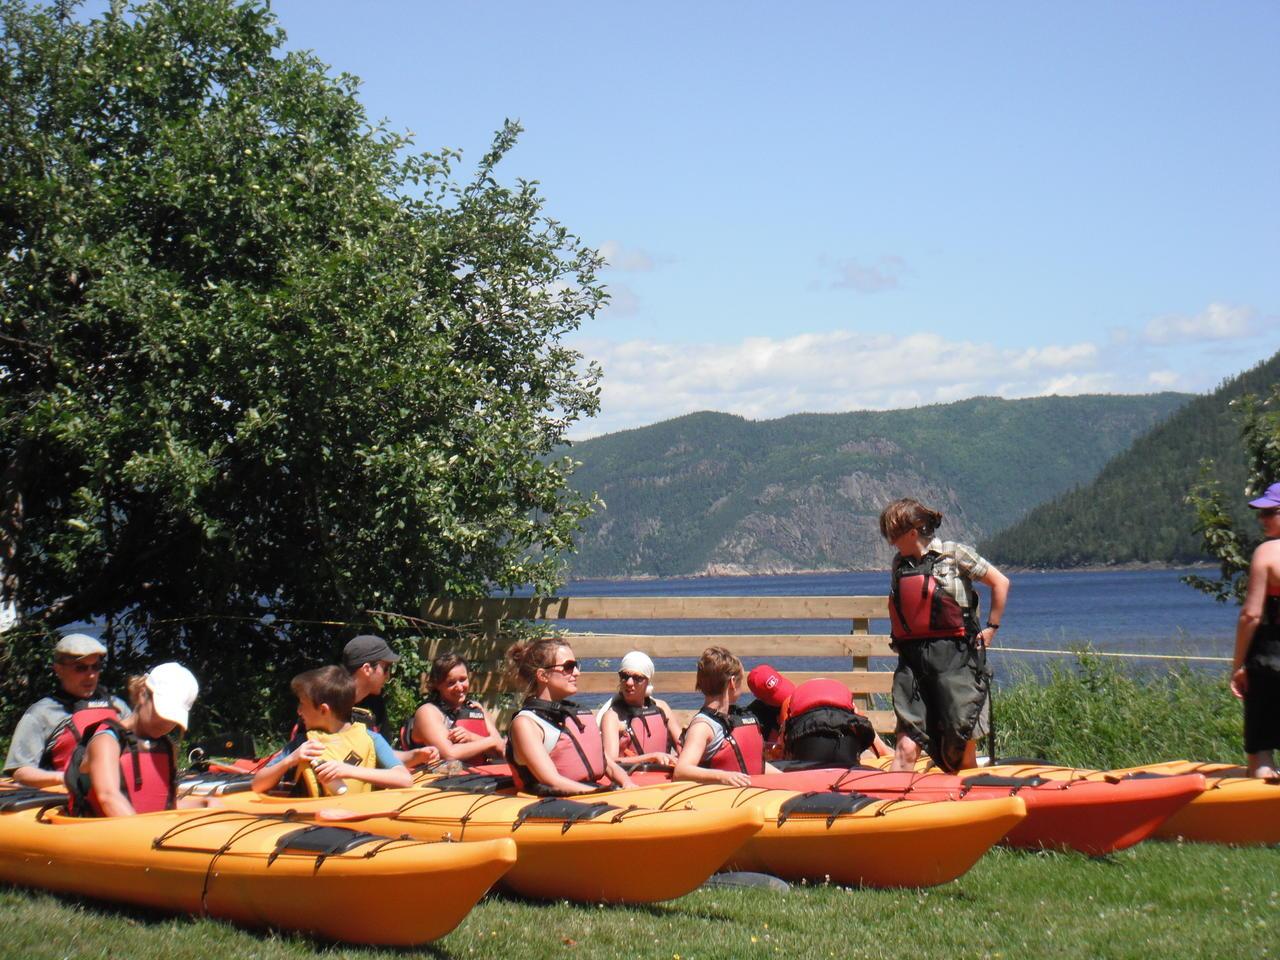 Ajustement avant départ, Parc National du Fjord du Saguenay,  kayak, fondue